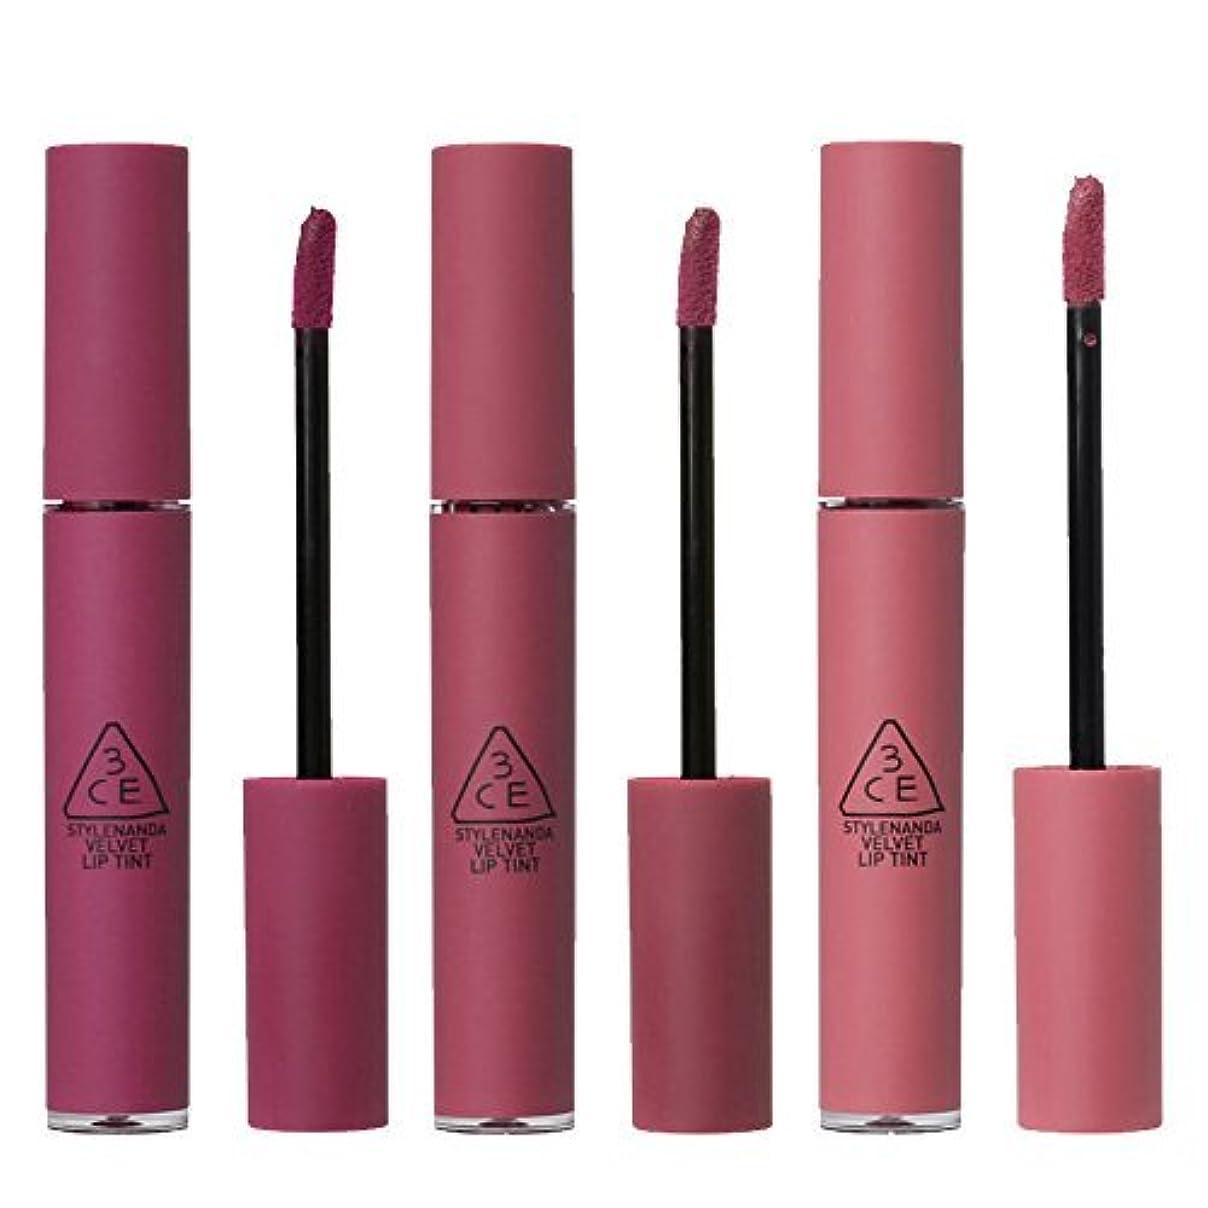 百万縁石上げる[3ce] ベルベットリップティント 新カラー 海外直送品 Velvet Lip Tint (Know better) [並行輸入品]